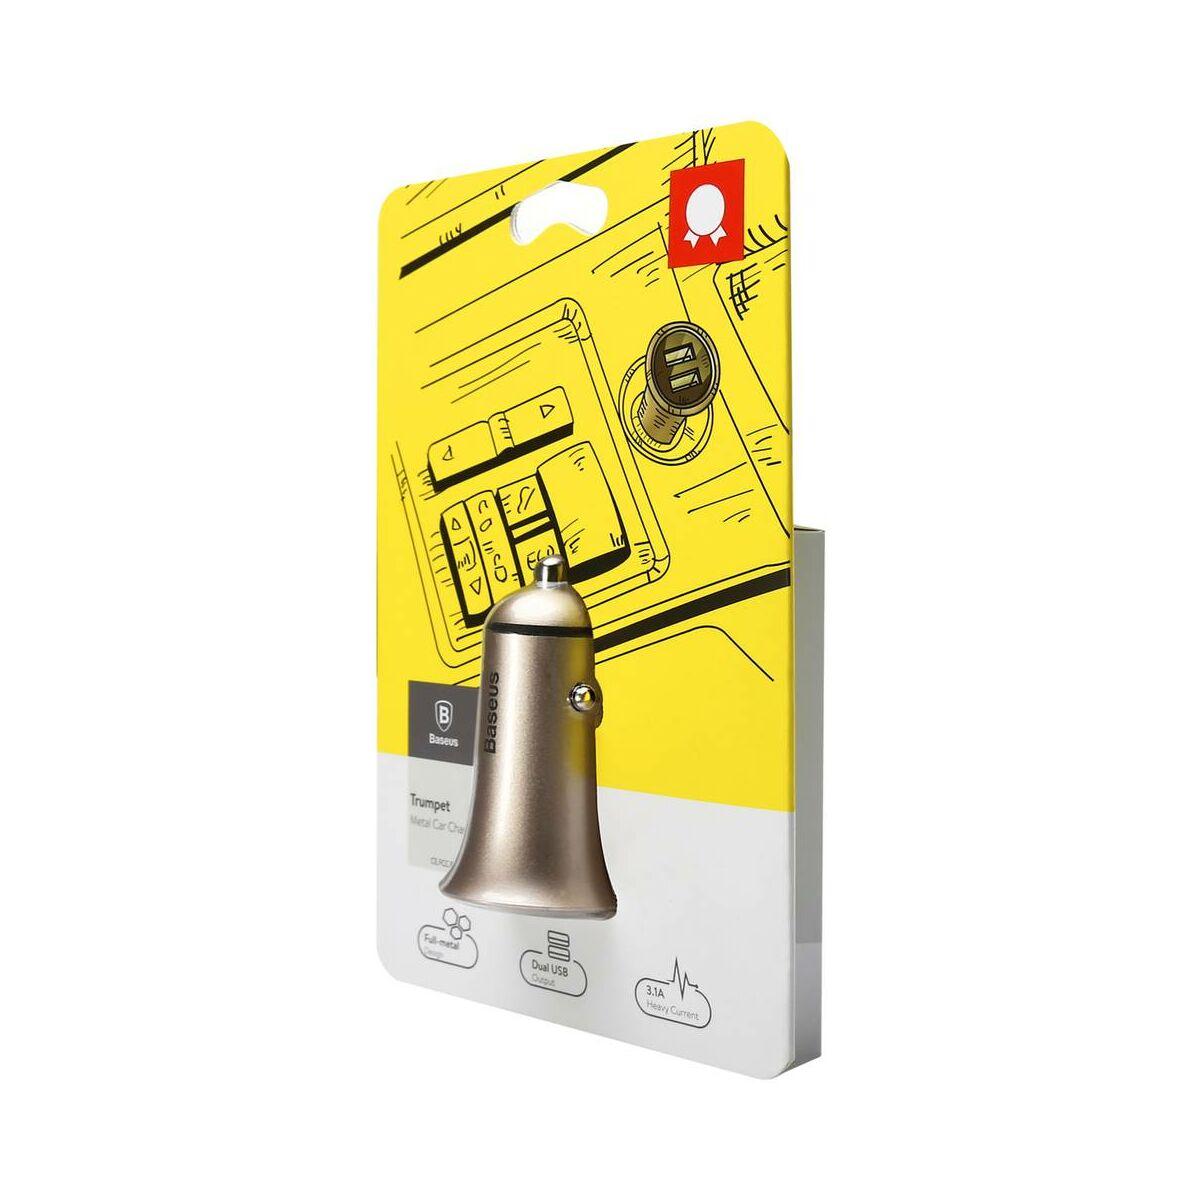 Baseus autós töltő, Trumpet metal power, max 3.1A, arany (CCLB-0V)